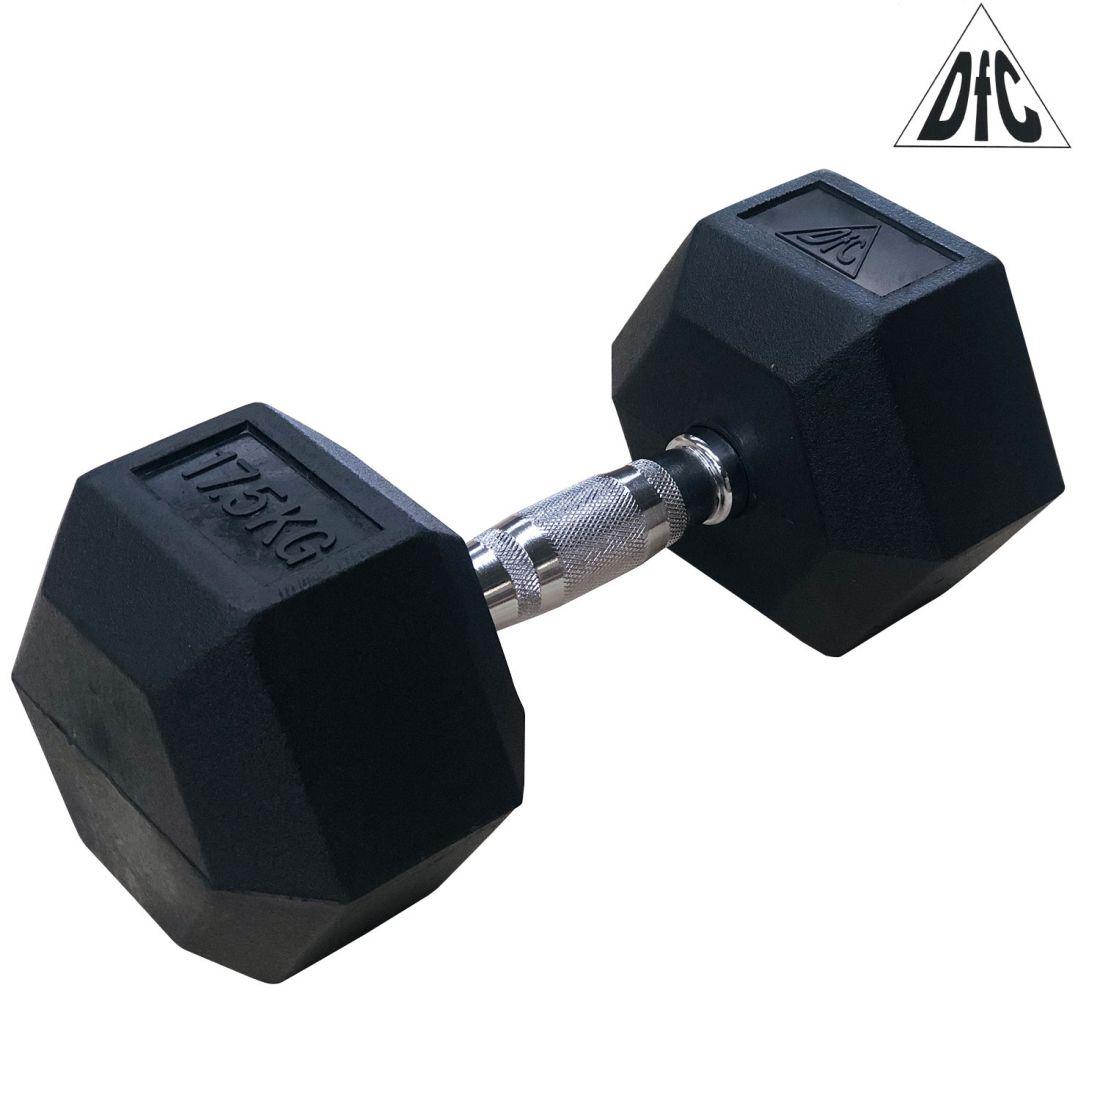 Гантели DFC гексаг. обрезиненная пара 17.5 кг DB001-17.5